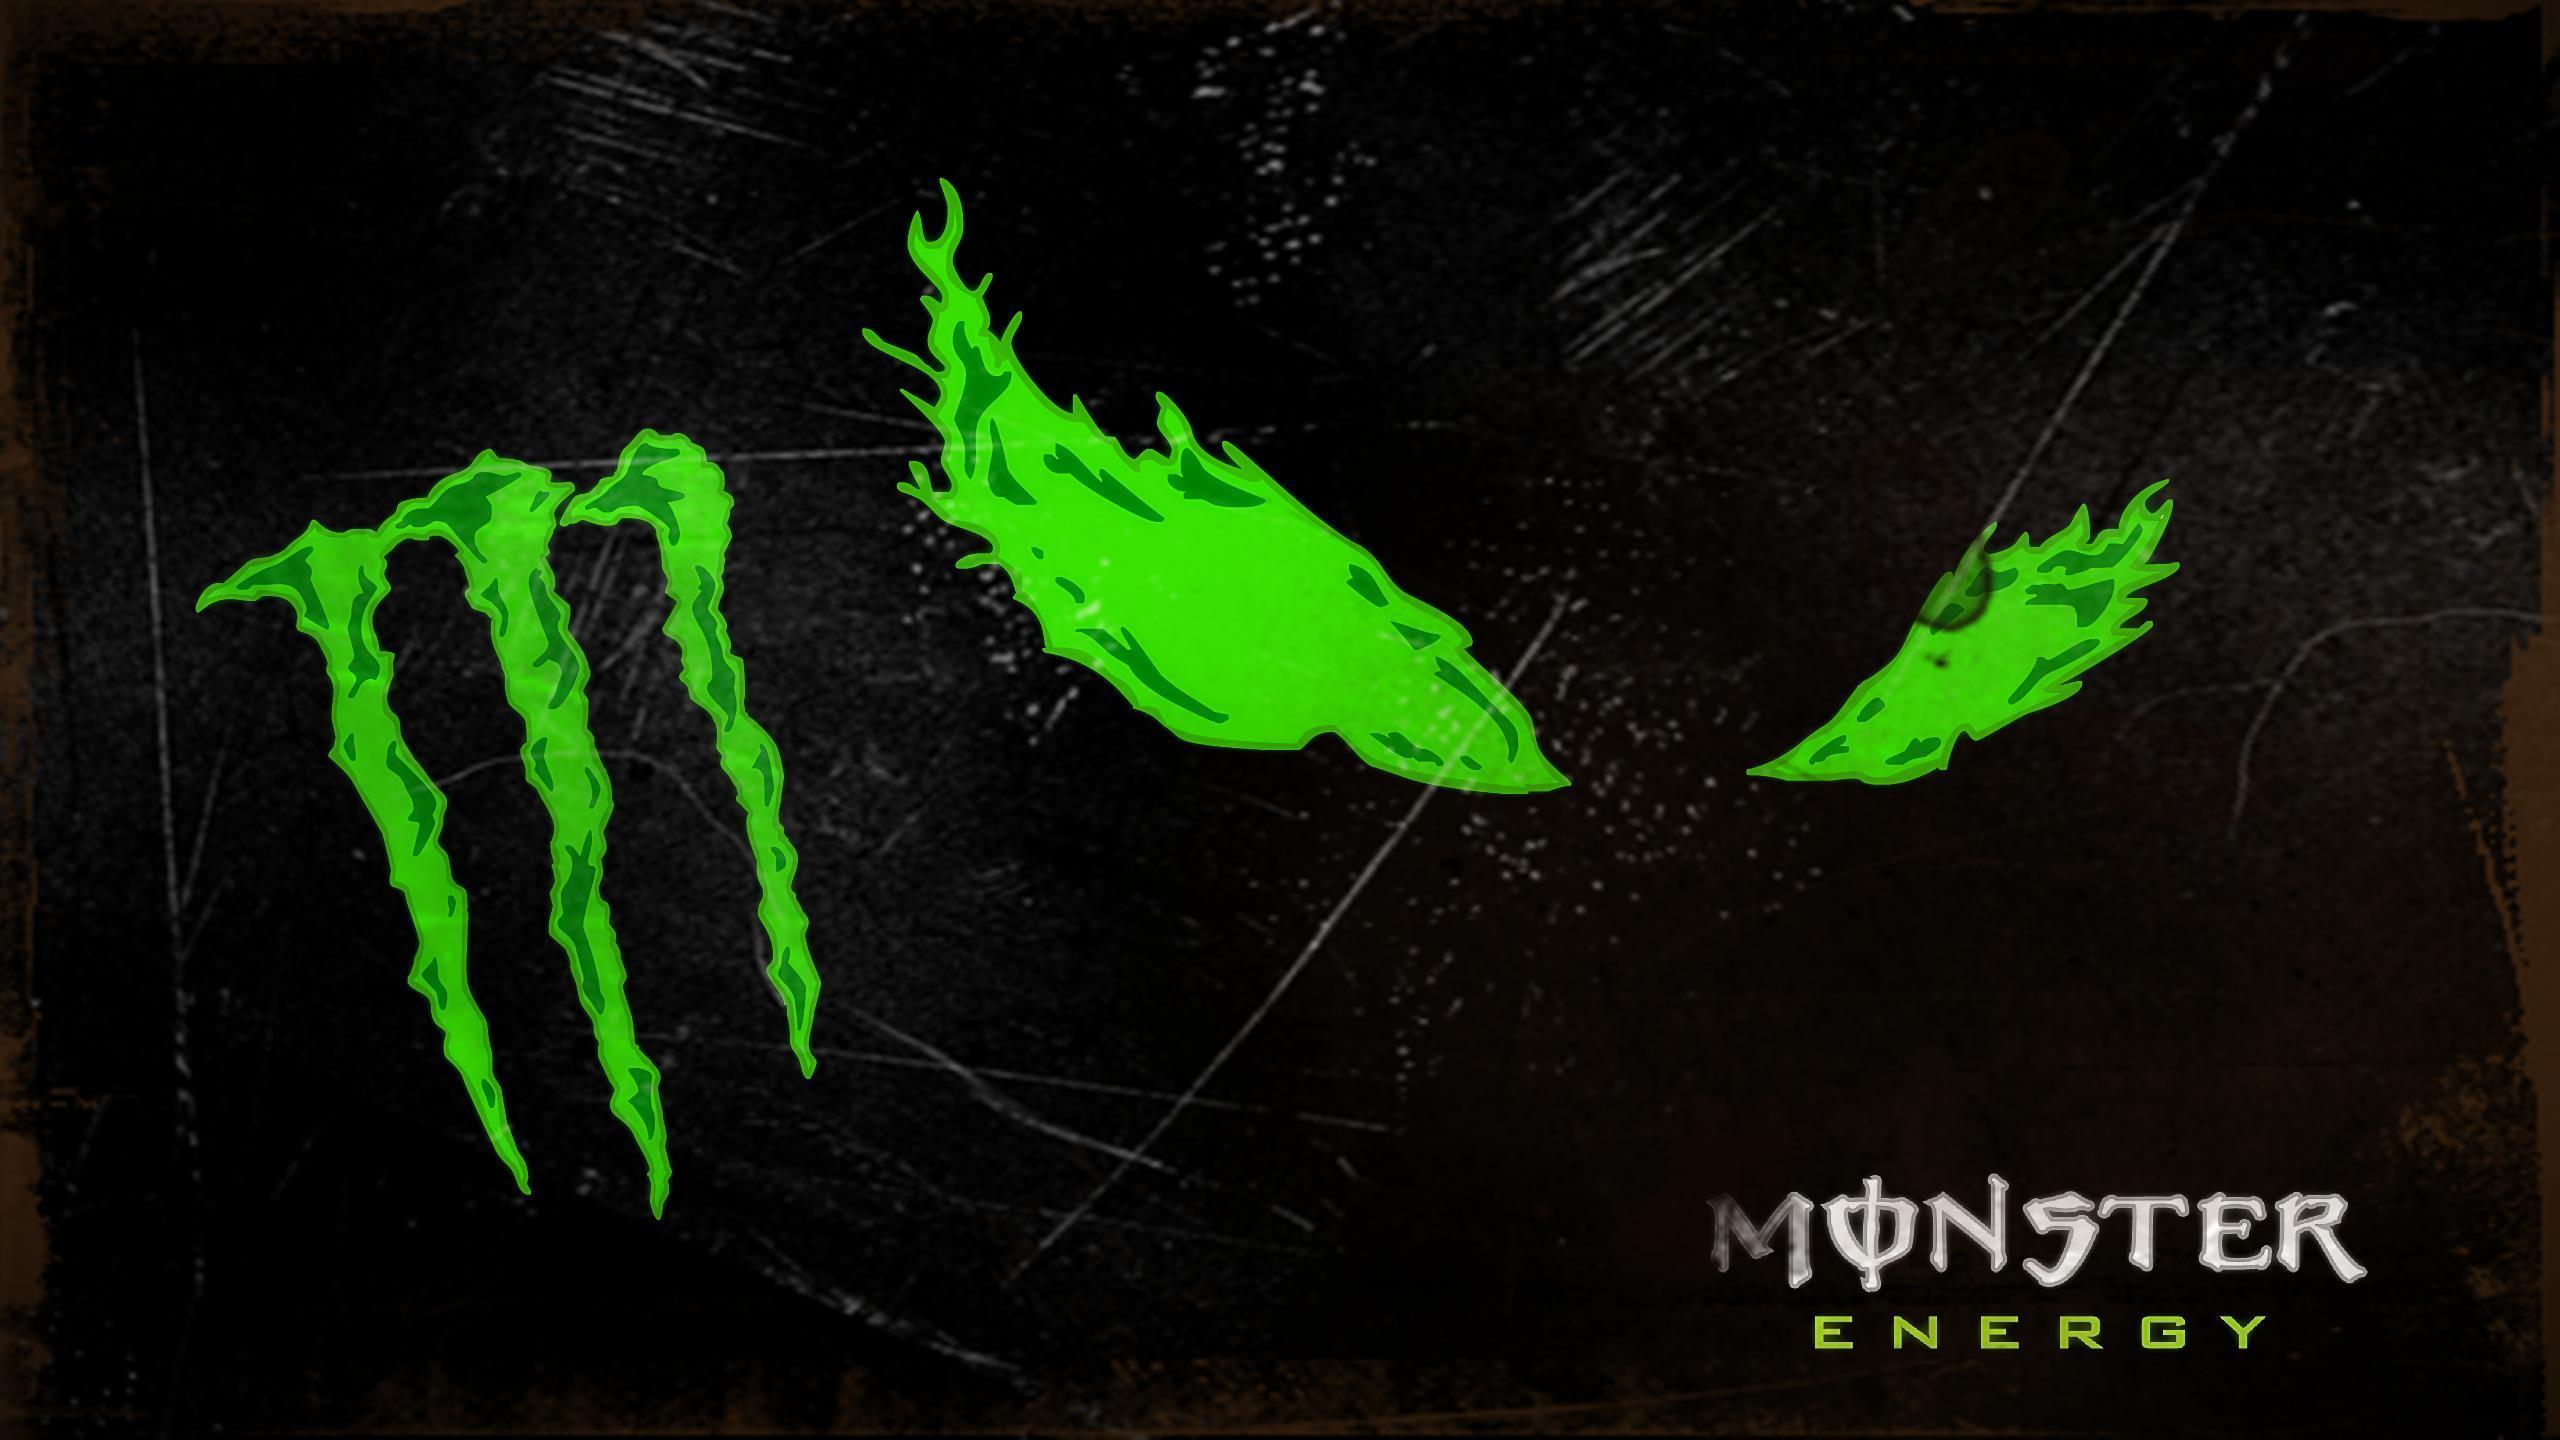 rasta monster energy wallpaper - photo #4